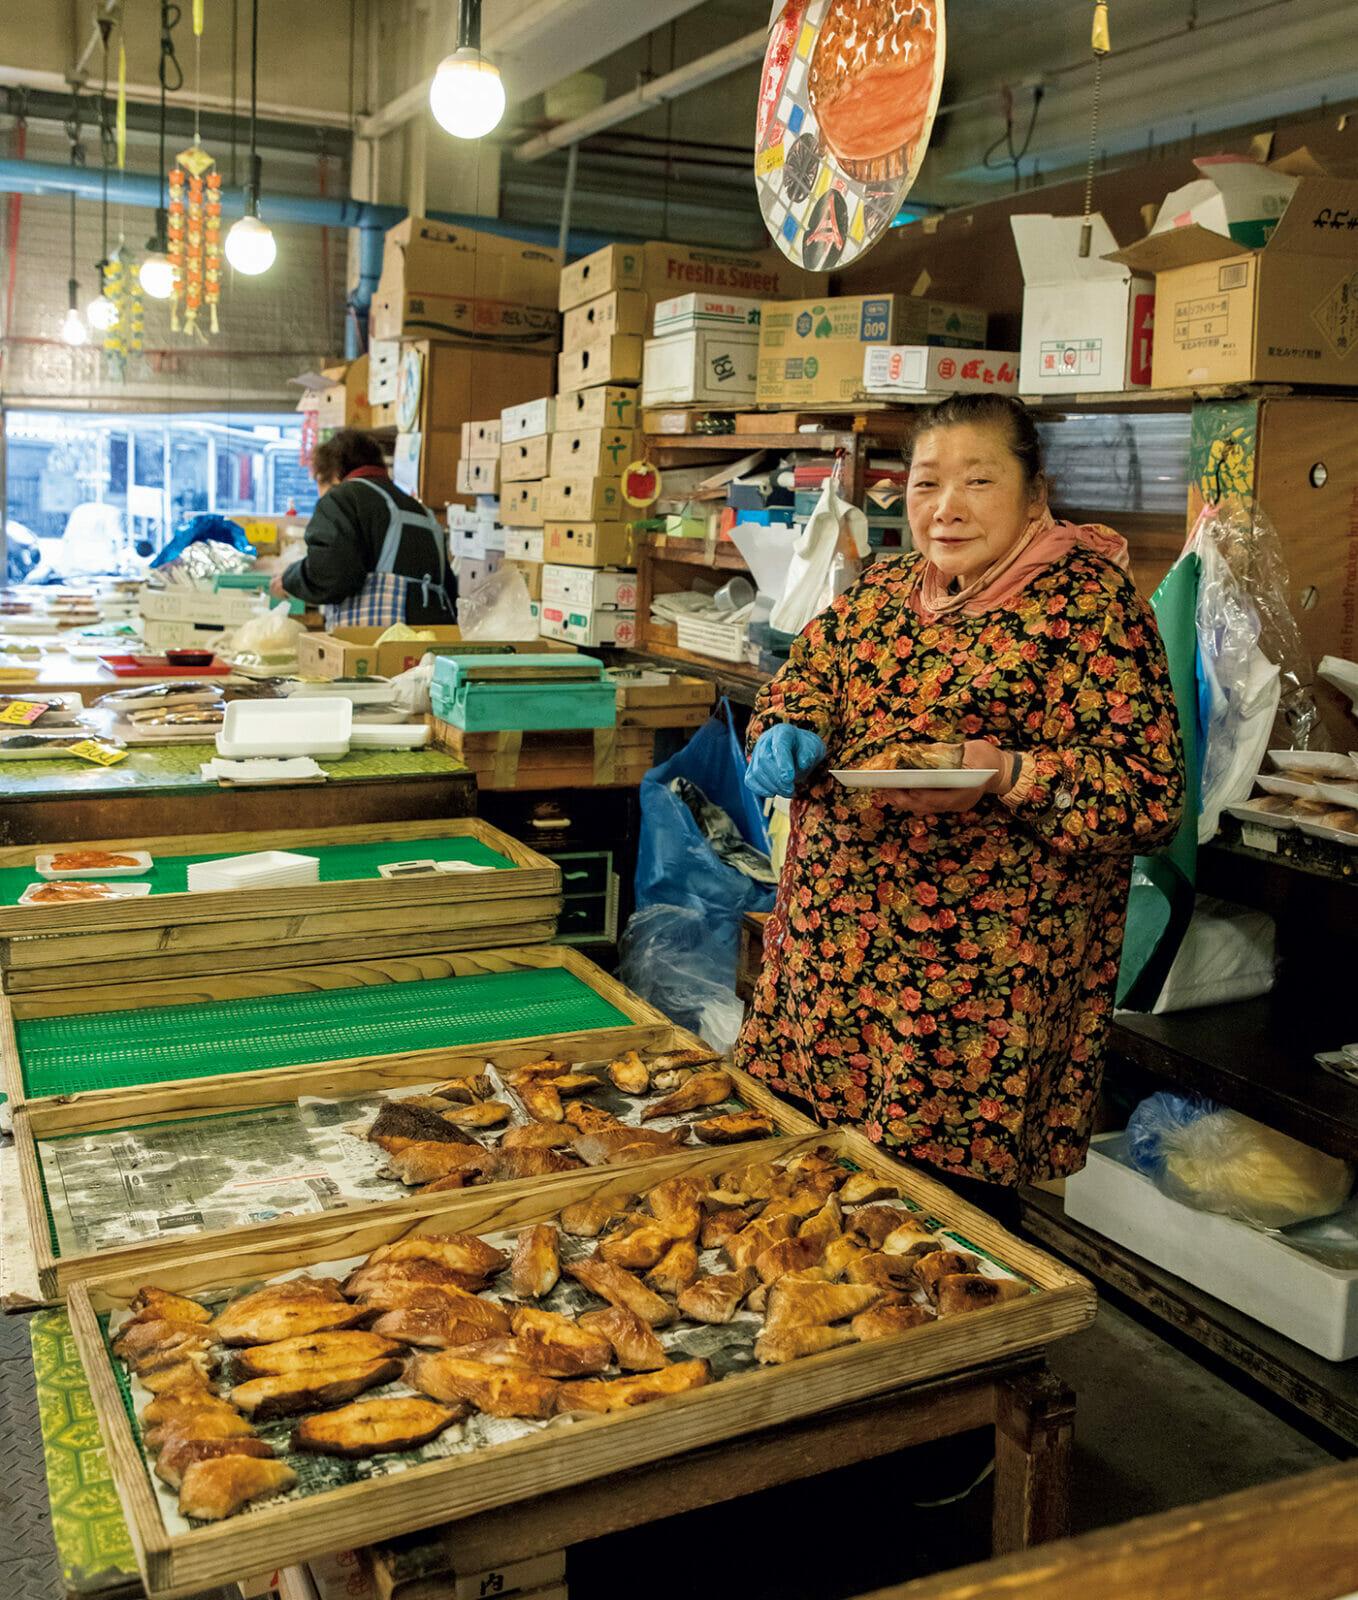 花柄のエプロンがかわいいカッチャ(お母さん)は〈八戸市営魚菜小売市場〉で、焼き魚を商う今商店の今富美子さん。オススメはカラスガレイ¥270とか。